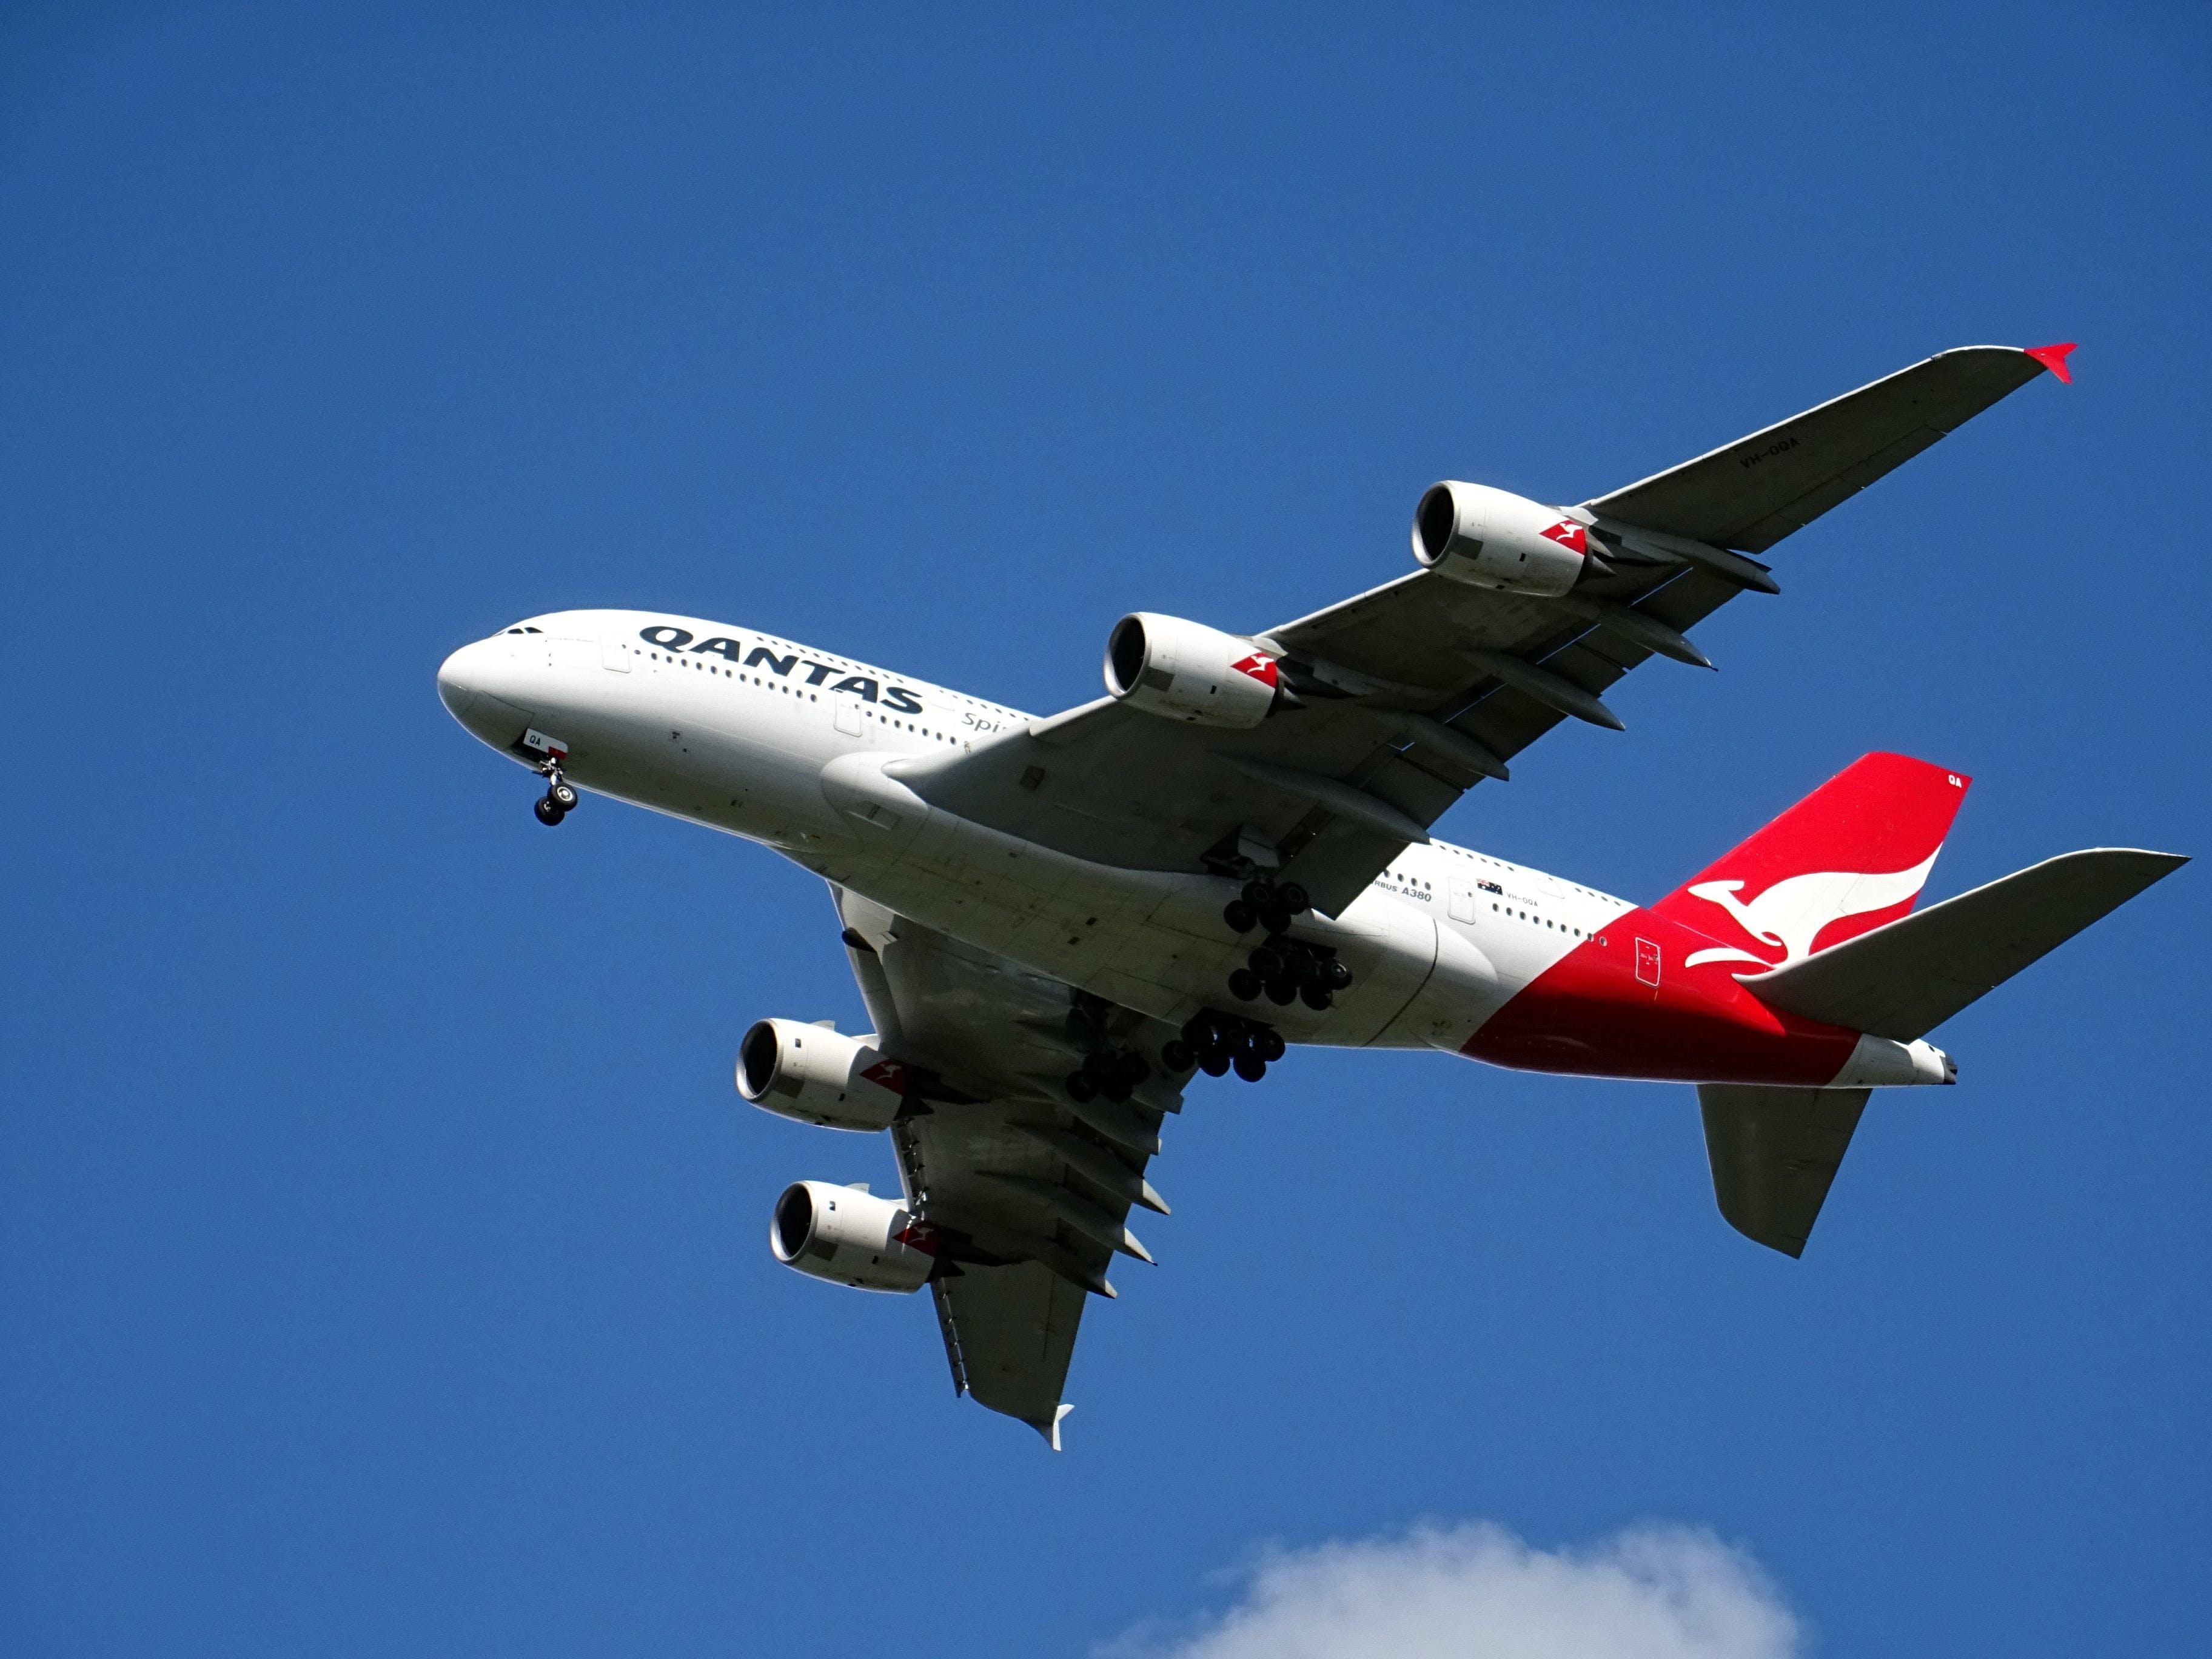 Gantas Airplane